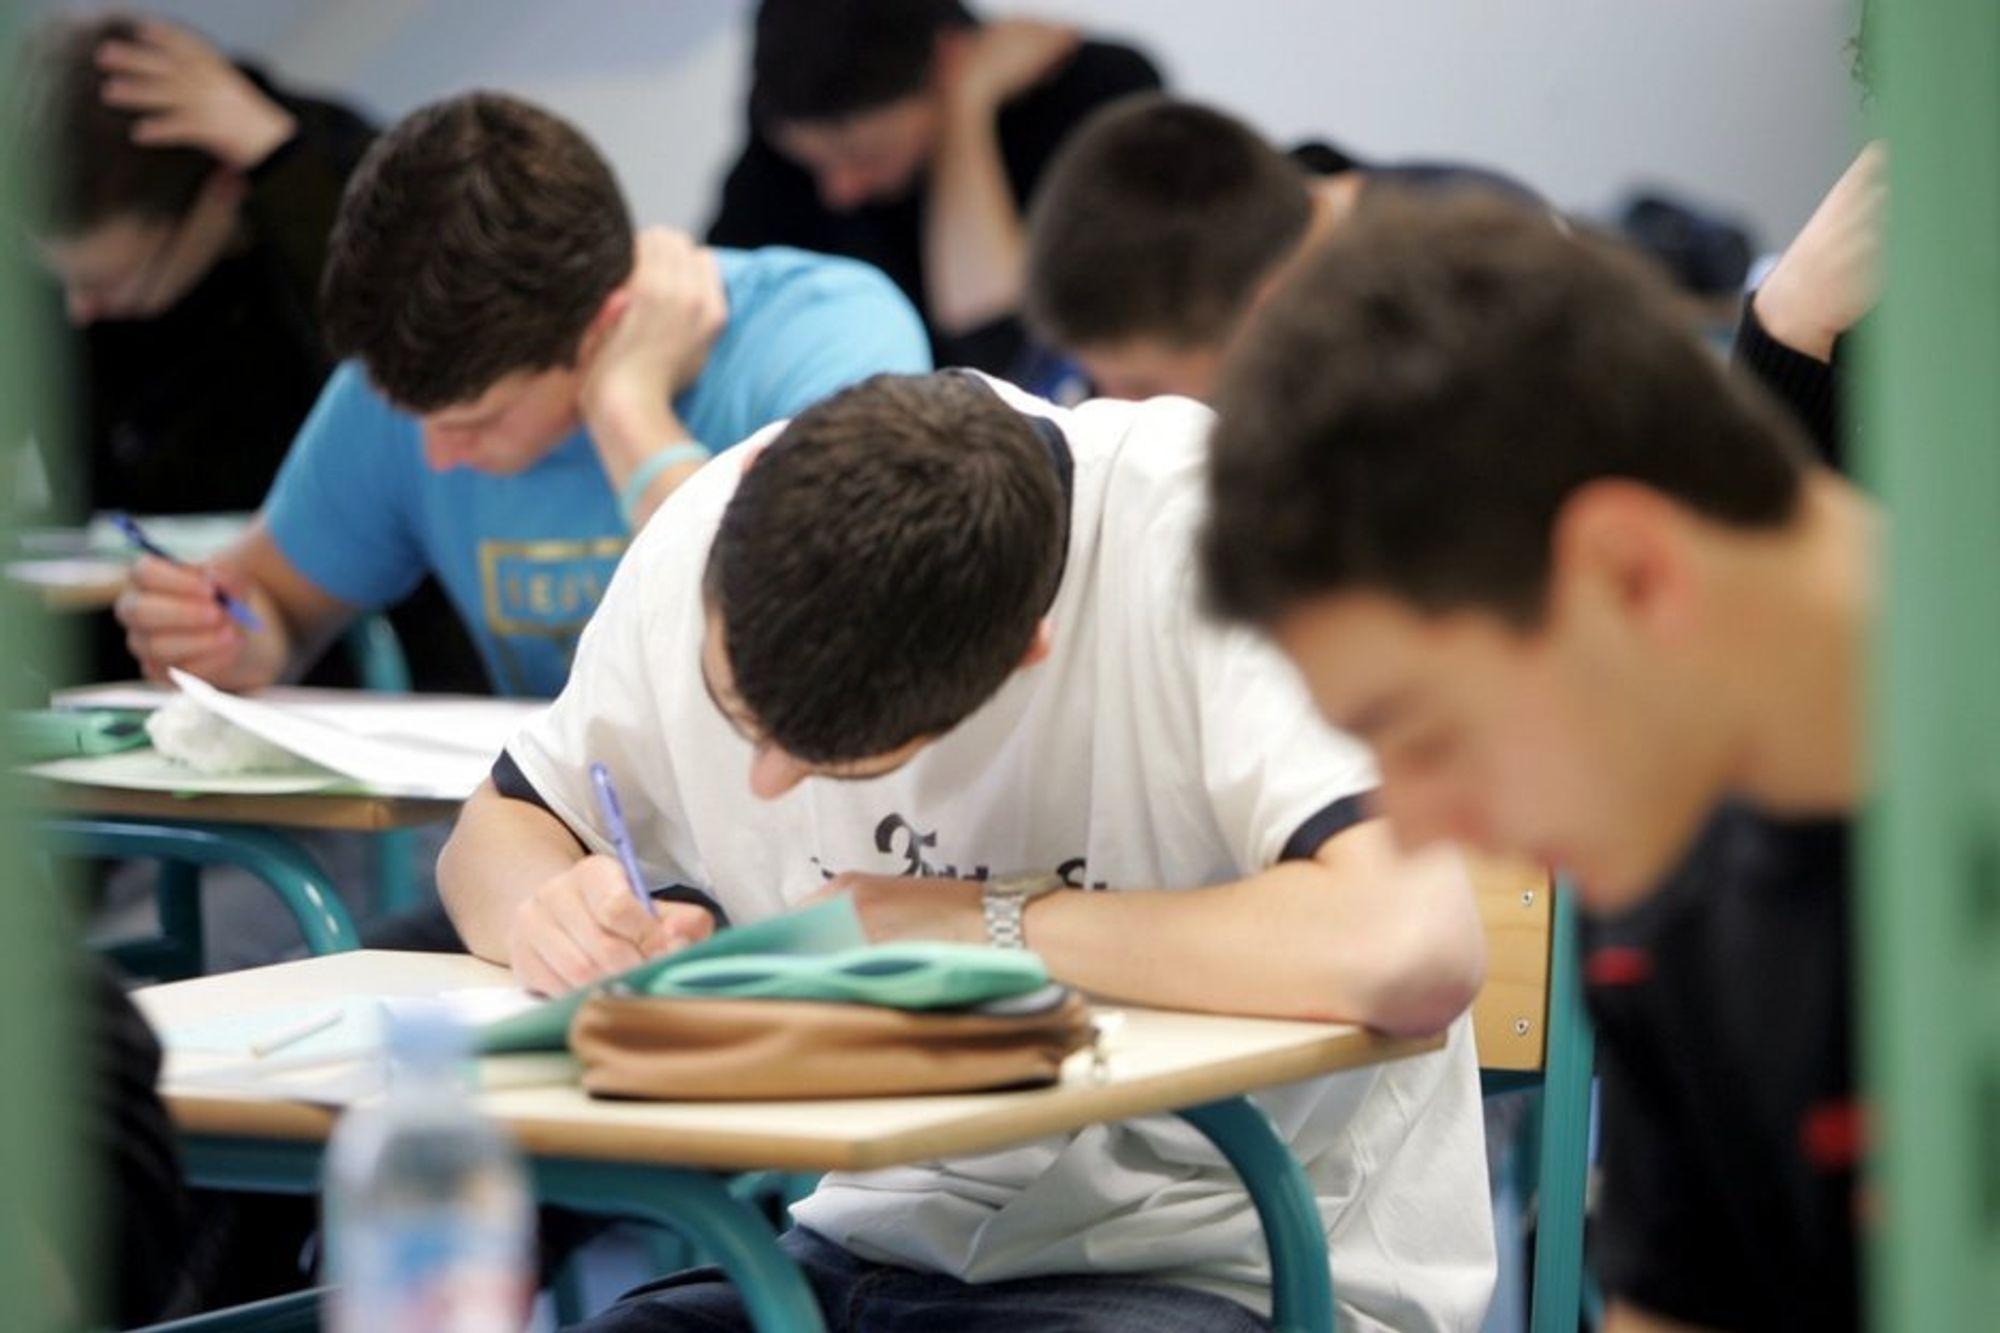 JUKS: 11 UiO-studenter er utvist etter bevist juks. Flere andre studenter mistenkes for det samme.